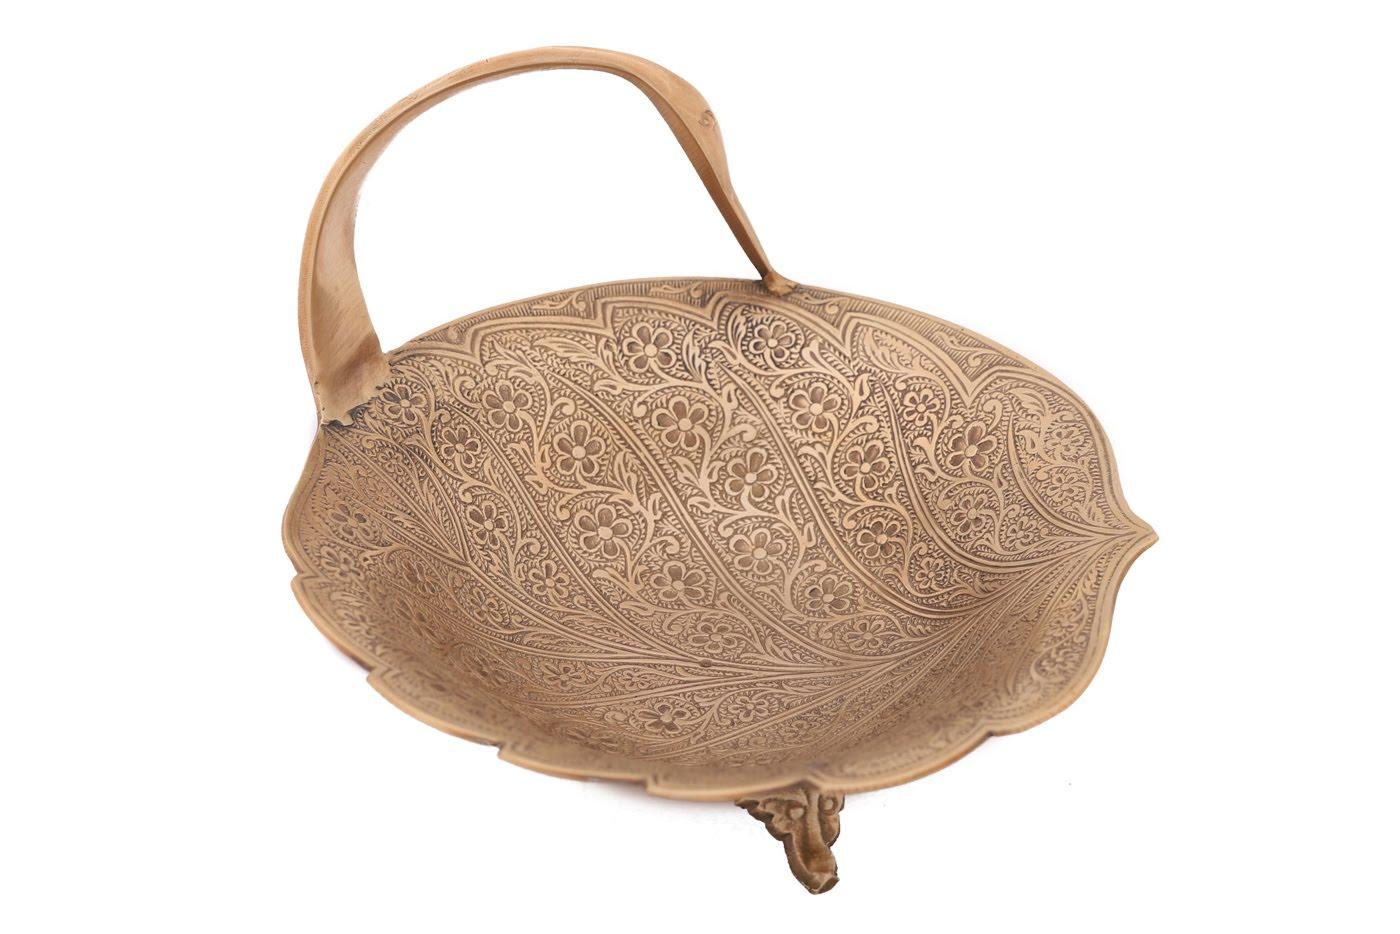 Купить Вазы Ганг, Ваза Лебедь Цвет: Золотой (10х17х18 см - 2 шт), Индия, Латунь